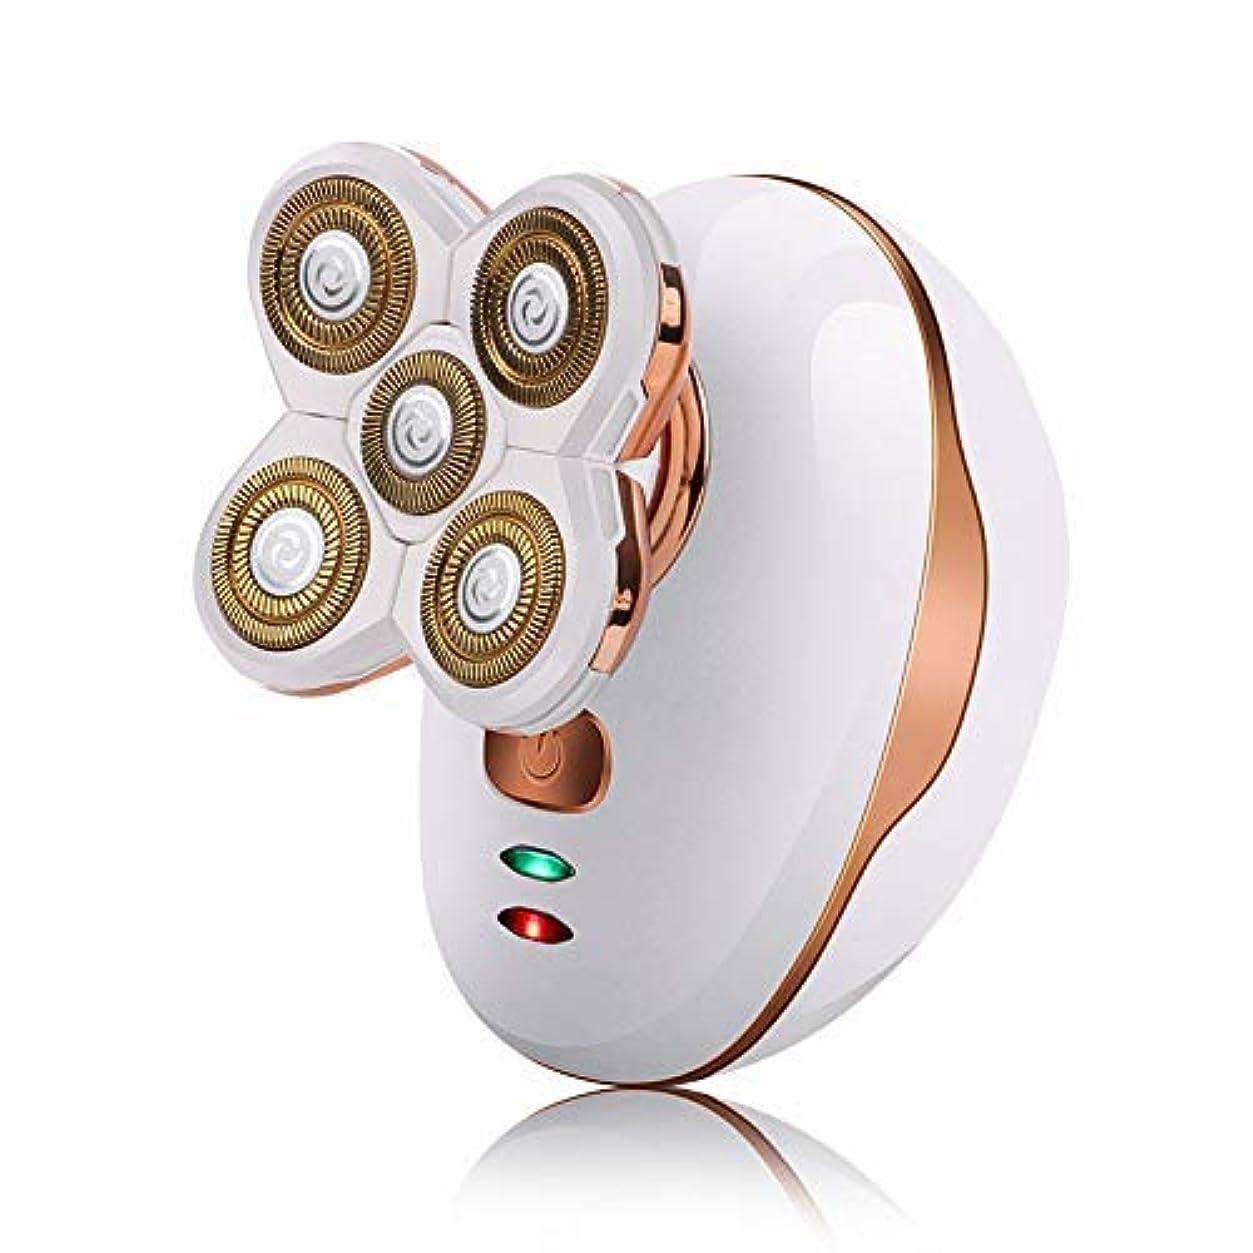 靄階段掃くクリッパーシェーバー坊主頭ミニヘアシェーバー髭トリマーグルーミングキットメンズプロフェッショナルコードレス電動IPX7防水かみそりロータリーシェーバー(USB充電付き男性用)